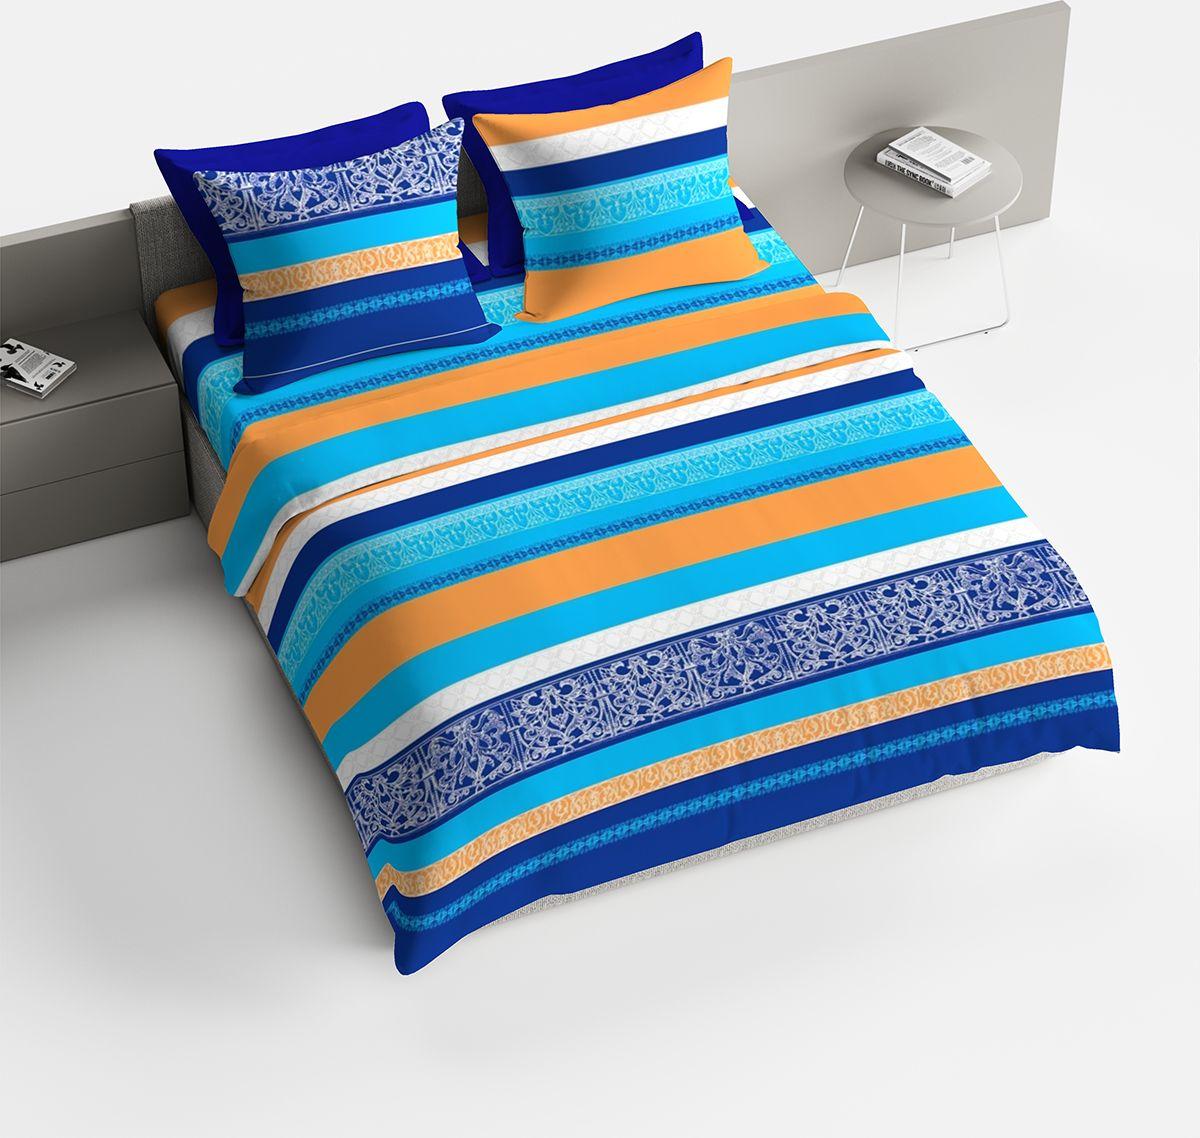 Комплект белья Браво Гретхен, 1,5-спальный, наволочки 70x70, цвет: синий6221МПостельное белье коллекции Bravo изготавливается из ткани Lux Cotton (высококачественный импортный поплин), сотканной из длинноволокнистого египетского хлопка, создано специально для людей с оригинальным вкусом, предпочитающим современные решения в интерьере. В процессе производства применяются только стойкие и экологически чистые красители, поэтому это белье можно использовать и для детей. Обновленная стильная упаковка делает этот комплект отличным подарком.